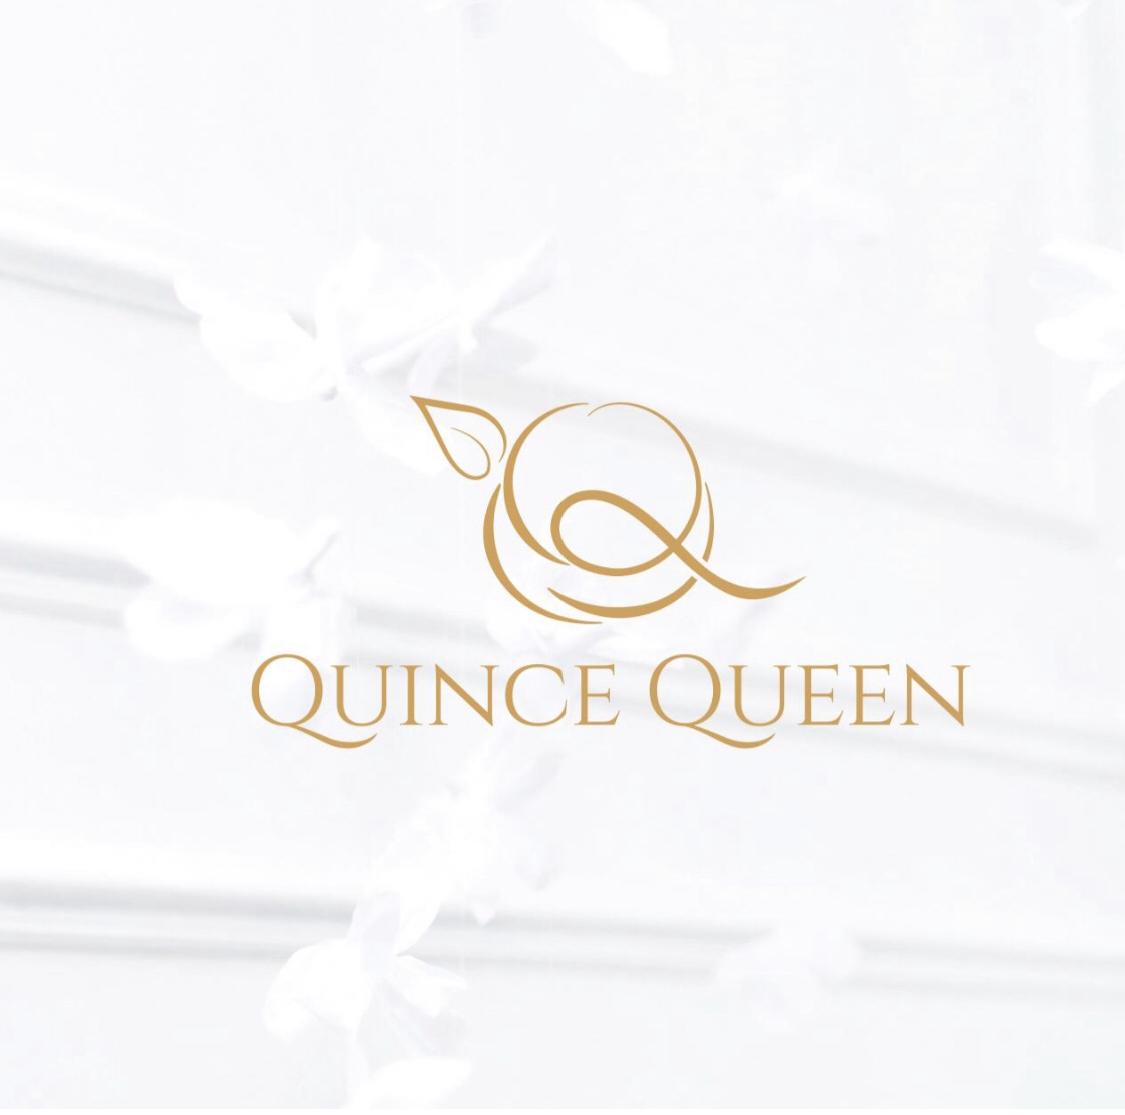 Quince Queen